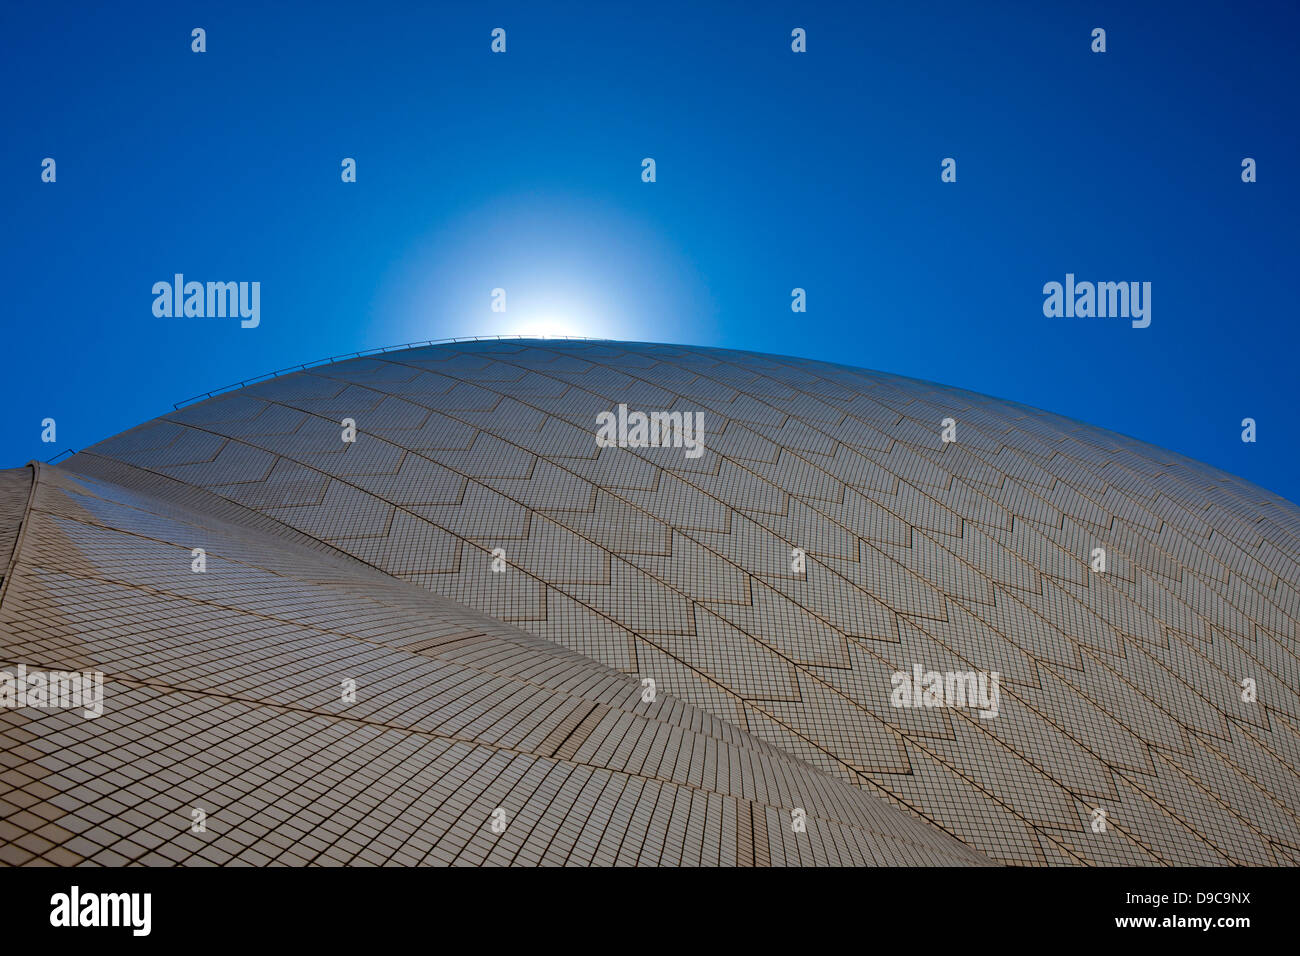 Detaillierte Sicht auf dem Dach der Oper von Sydney, Sydney, New South Wales, Australien Stockbild